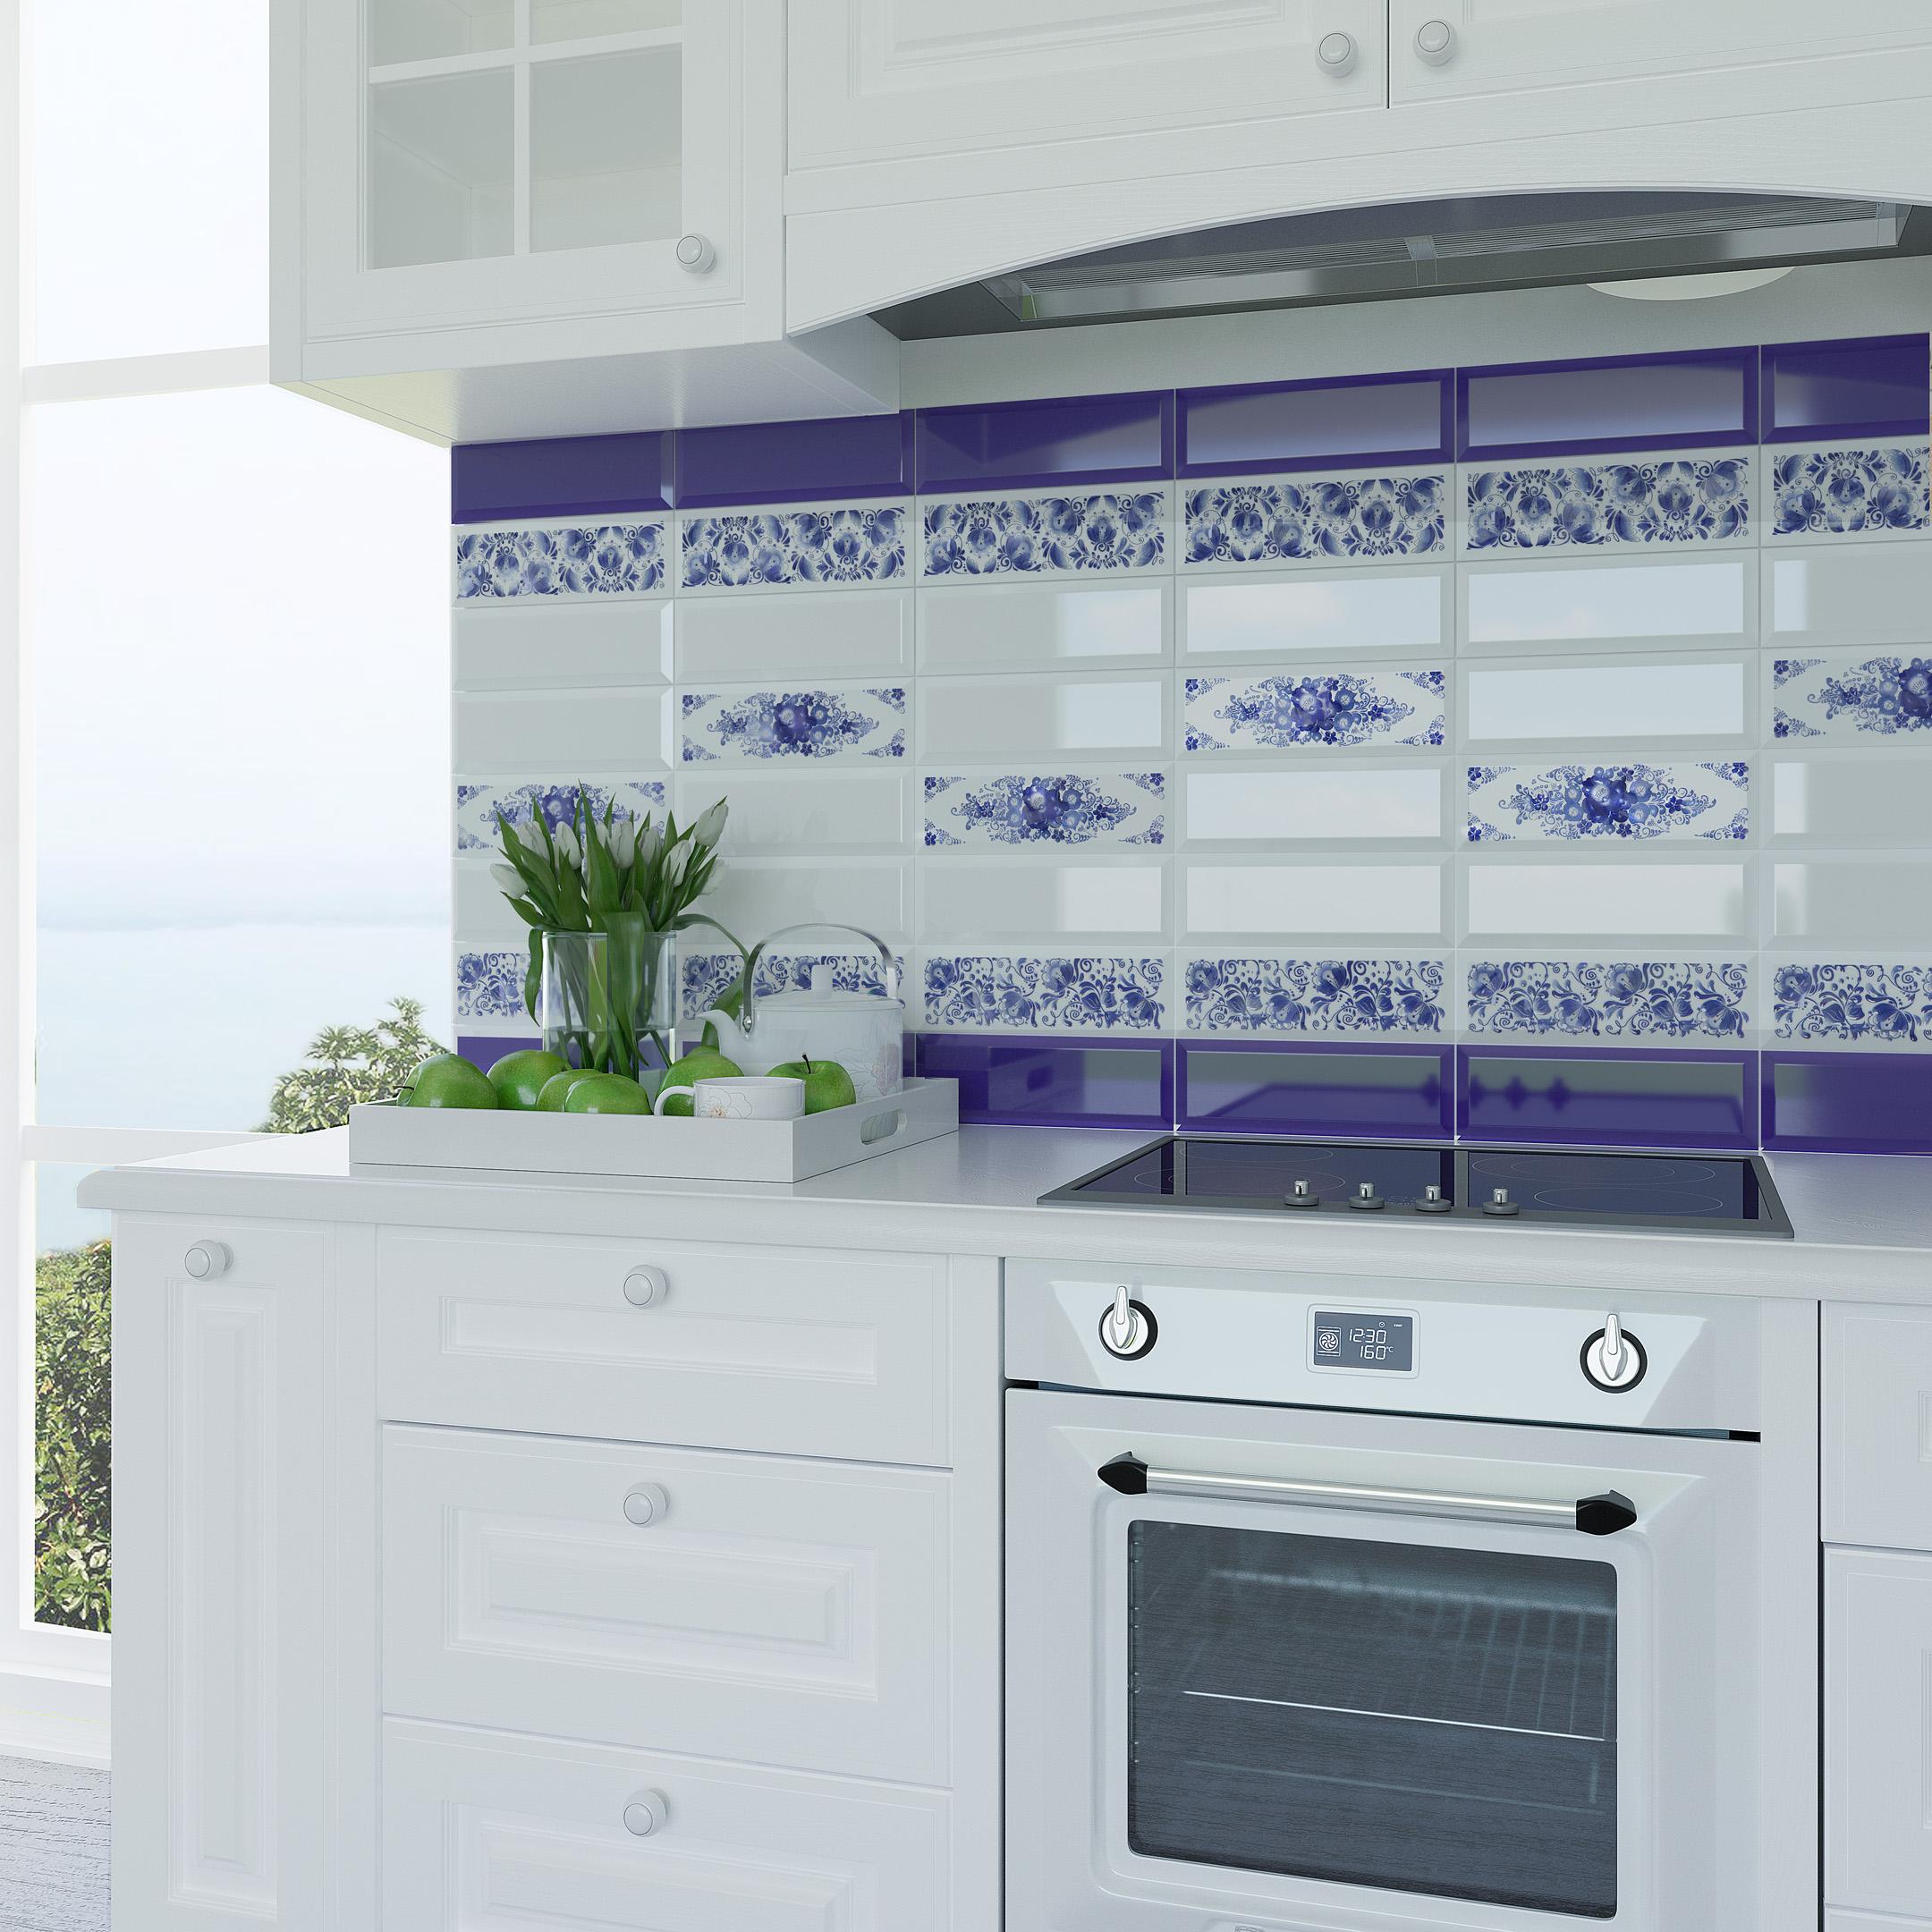 Плитка декор Gracia Ceramica Метро Гжель 02 бело-синий 100x300x8 мм фото